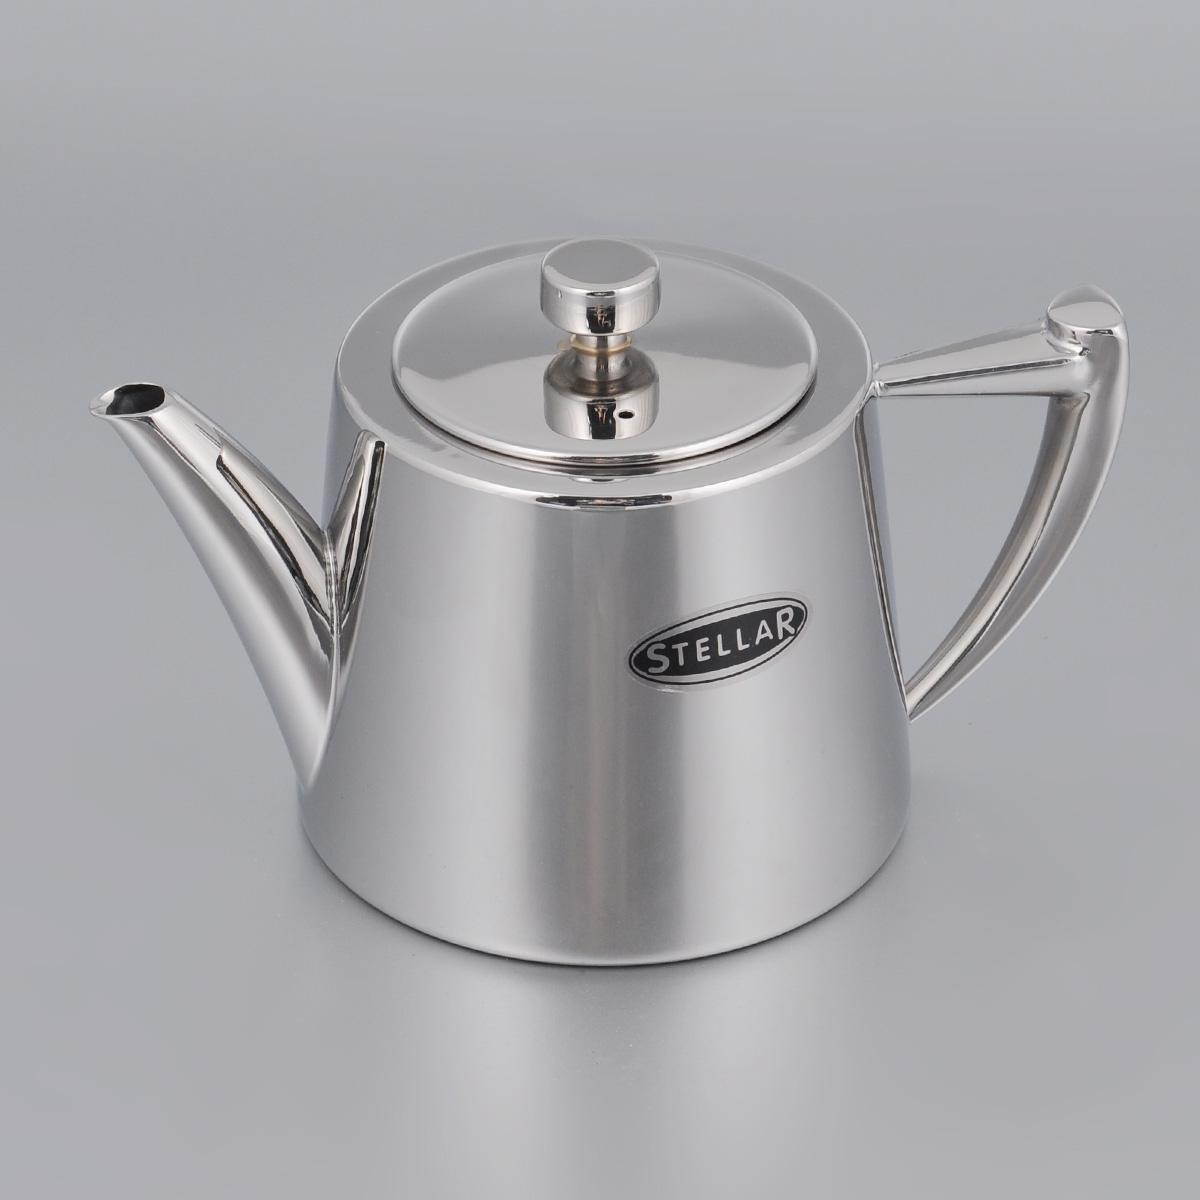 Чайник заварочный Silampos Art Deco, 600 мл41281318SC52Чайник заварочный Silampos Art Deco изготовлен из высококачественной нержавеющей стали с зеркальной полировкой. Благодаря специальному покрытию, тепло распределяется равномерно по основанию чайника.Классический стиль и оптимальный объем делают чайник Silampos Art Deco удобным и оригинальным аксессуаром, который прекрасно подойдет как для ежедневного использования, так и для специальной чайной церемонии.Можно мыть в посудомоечной машине. Диаметр чайника (по верхнему краю): 6,5 см.Высота чайника (без учета крышки): 9 см.Посуда Silampos производится с использованием самых последних достижений в области производства изделий из нержавеющей стали. Алюминиевый диск инкапсулируется между дном кастрюли и защитной оболочкой из нержавеющей стали под давлением 1500 тонн. Этот высокотехнологичный процесс устраняет необходимость обычной сварки, ахиллесовой пяты многих производителей товаров из нержавеющей стали. Вместо того, чтобы сваривать две металлические детали вместе, этот процесс соединяет алюминий и нержавеющей стали в единое целое. Метод полной инкапсуляции позволяет с абсолютной надежностью покрыть алюминиевый диск нержавеющей сталью. Это делает невозможным контакт алюминиевого диска с открытым огнем и активной средой некоторых моющий средств. Посуда Silampos является лауреатом многочисленных Португальских и Европейских конкурсов, и по праву сохраняет лидирующие позиции на рынке кухонной посуды в Европе и мире. Посуда изготовлена из нержавеющей стали с добавлением 18% хрома и 10% никеля. Посуду можно мыть в посудомоечной машине, использовать на всех видах плит (газовые, электрических, керамических и индукционных). Оснащена специальным алюминиевым диском - Impact Disk, разработанным с применением передовой технологии соединения диска с дном кастрюли и защитной оболочкой из нержавеющей стали под высоким давлением. Выдерживают температуру до 600°С. Использование алюминиевого жарораспределяющего диска позволяет значитель